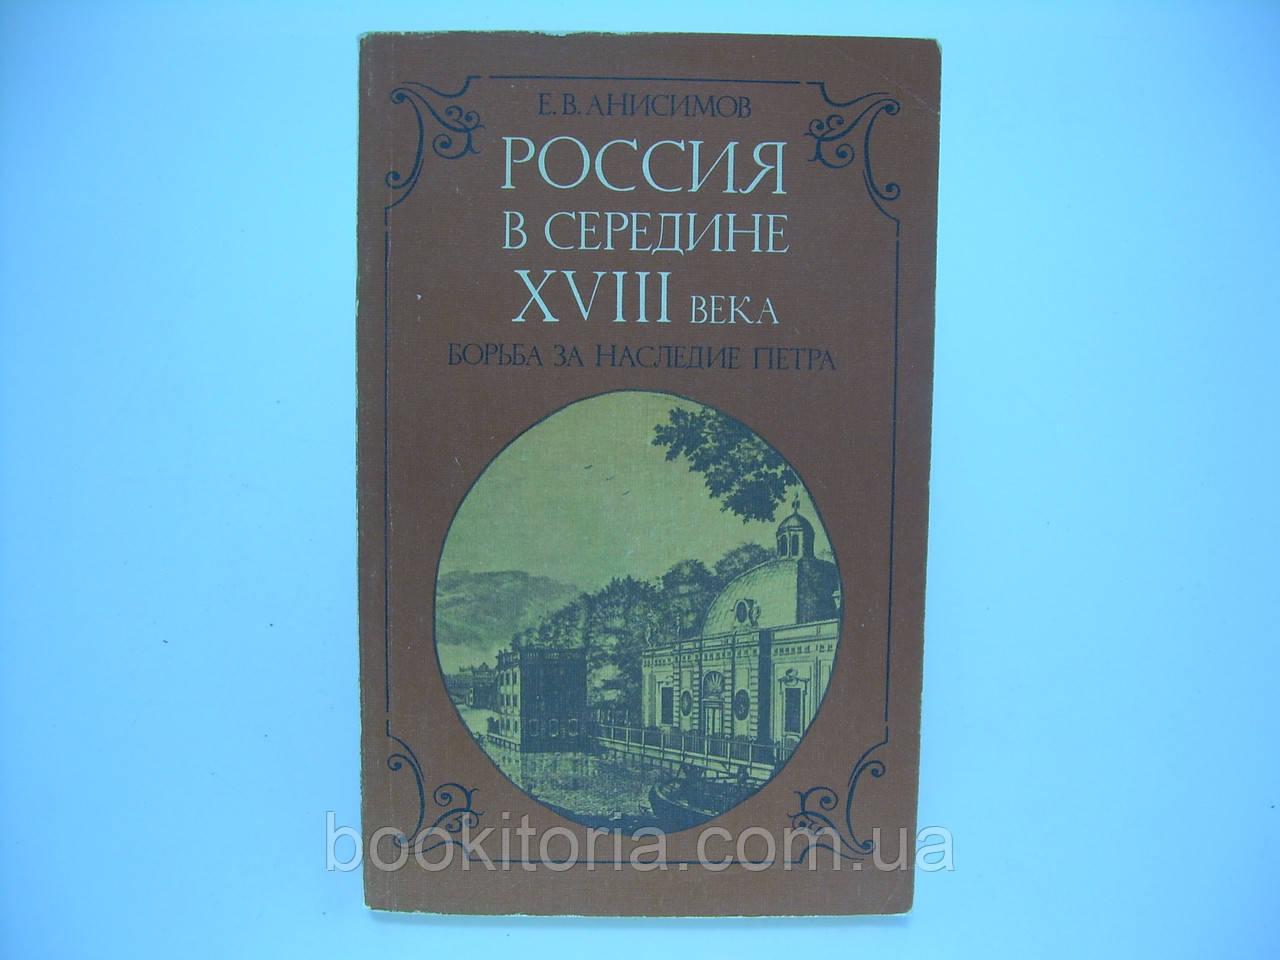 Анисимов Е.В. Россия в середине 18 века (б/у).